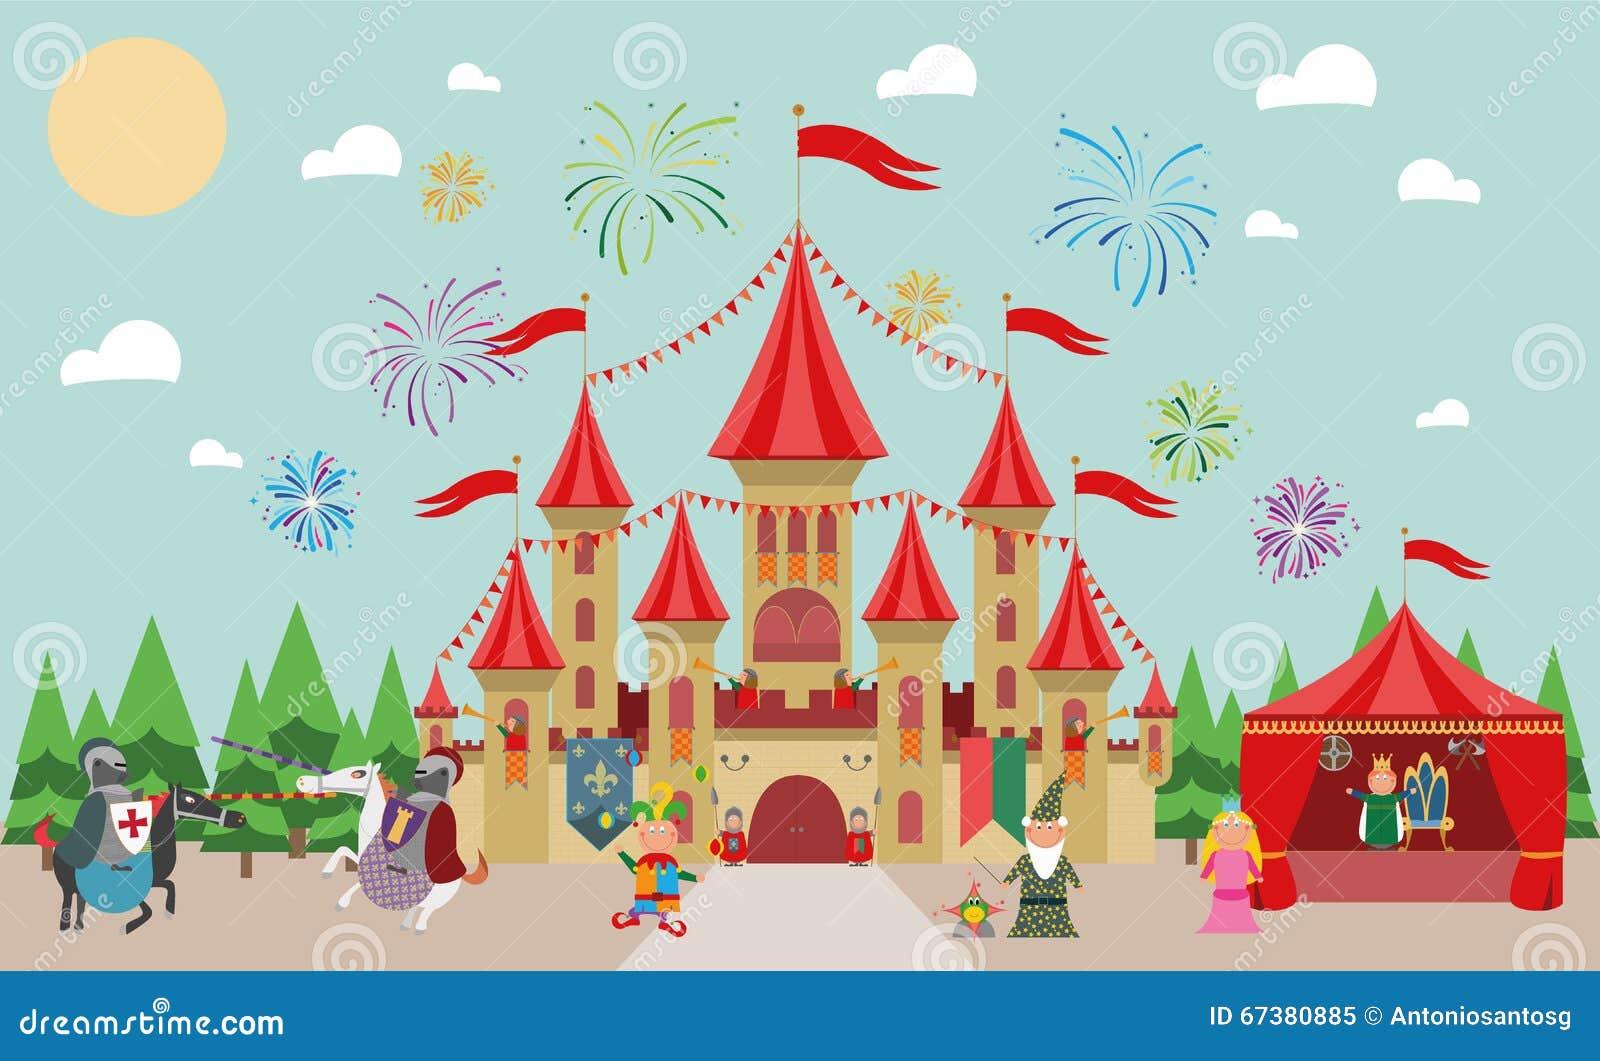 Castillo medieval con los caracteres (rey, princesa, mago, caballeros y bufón) y los fuegos artificiales